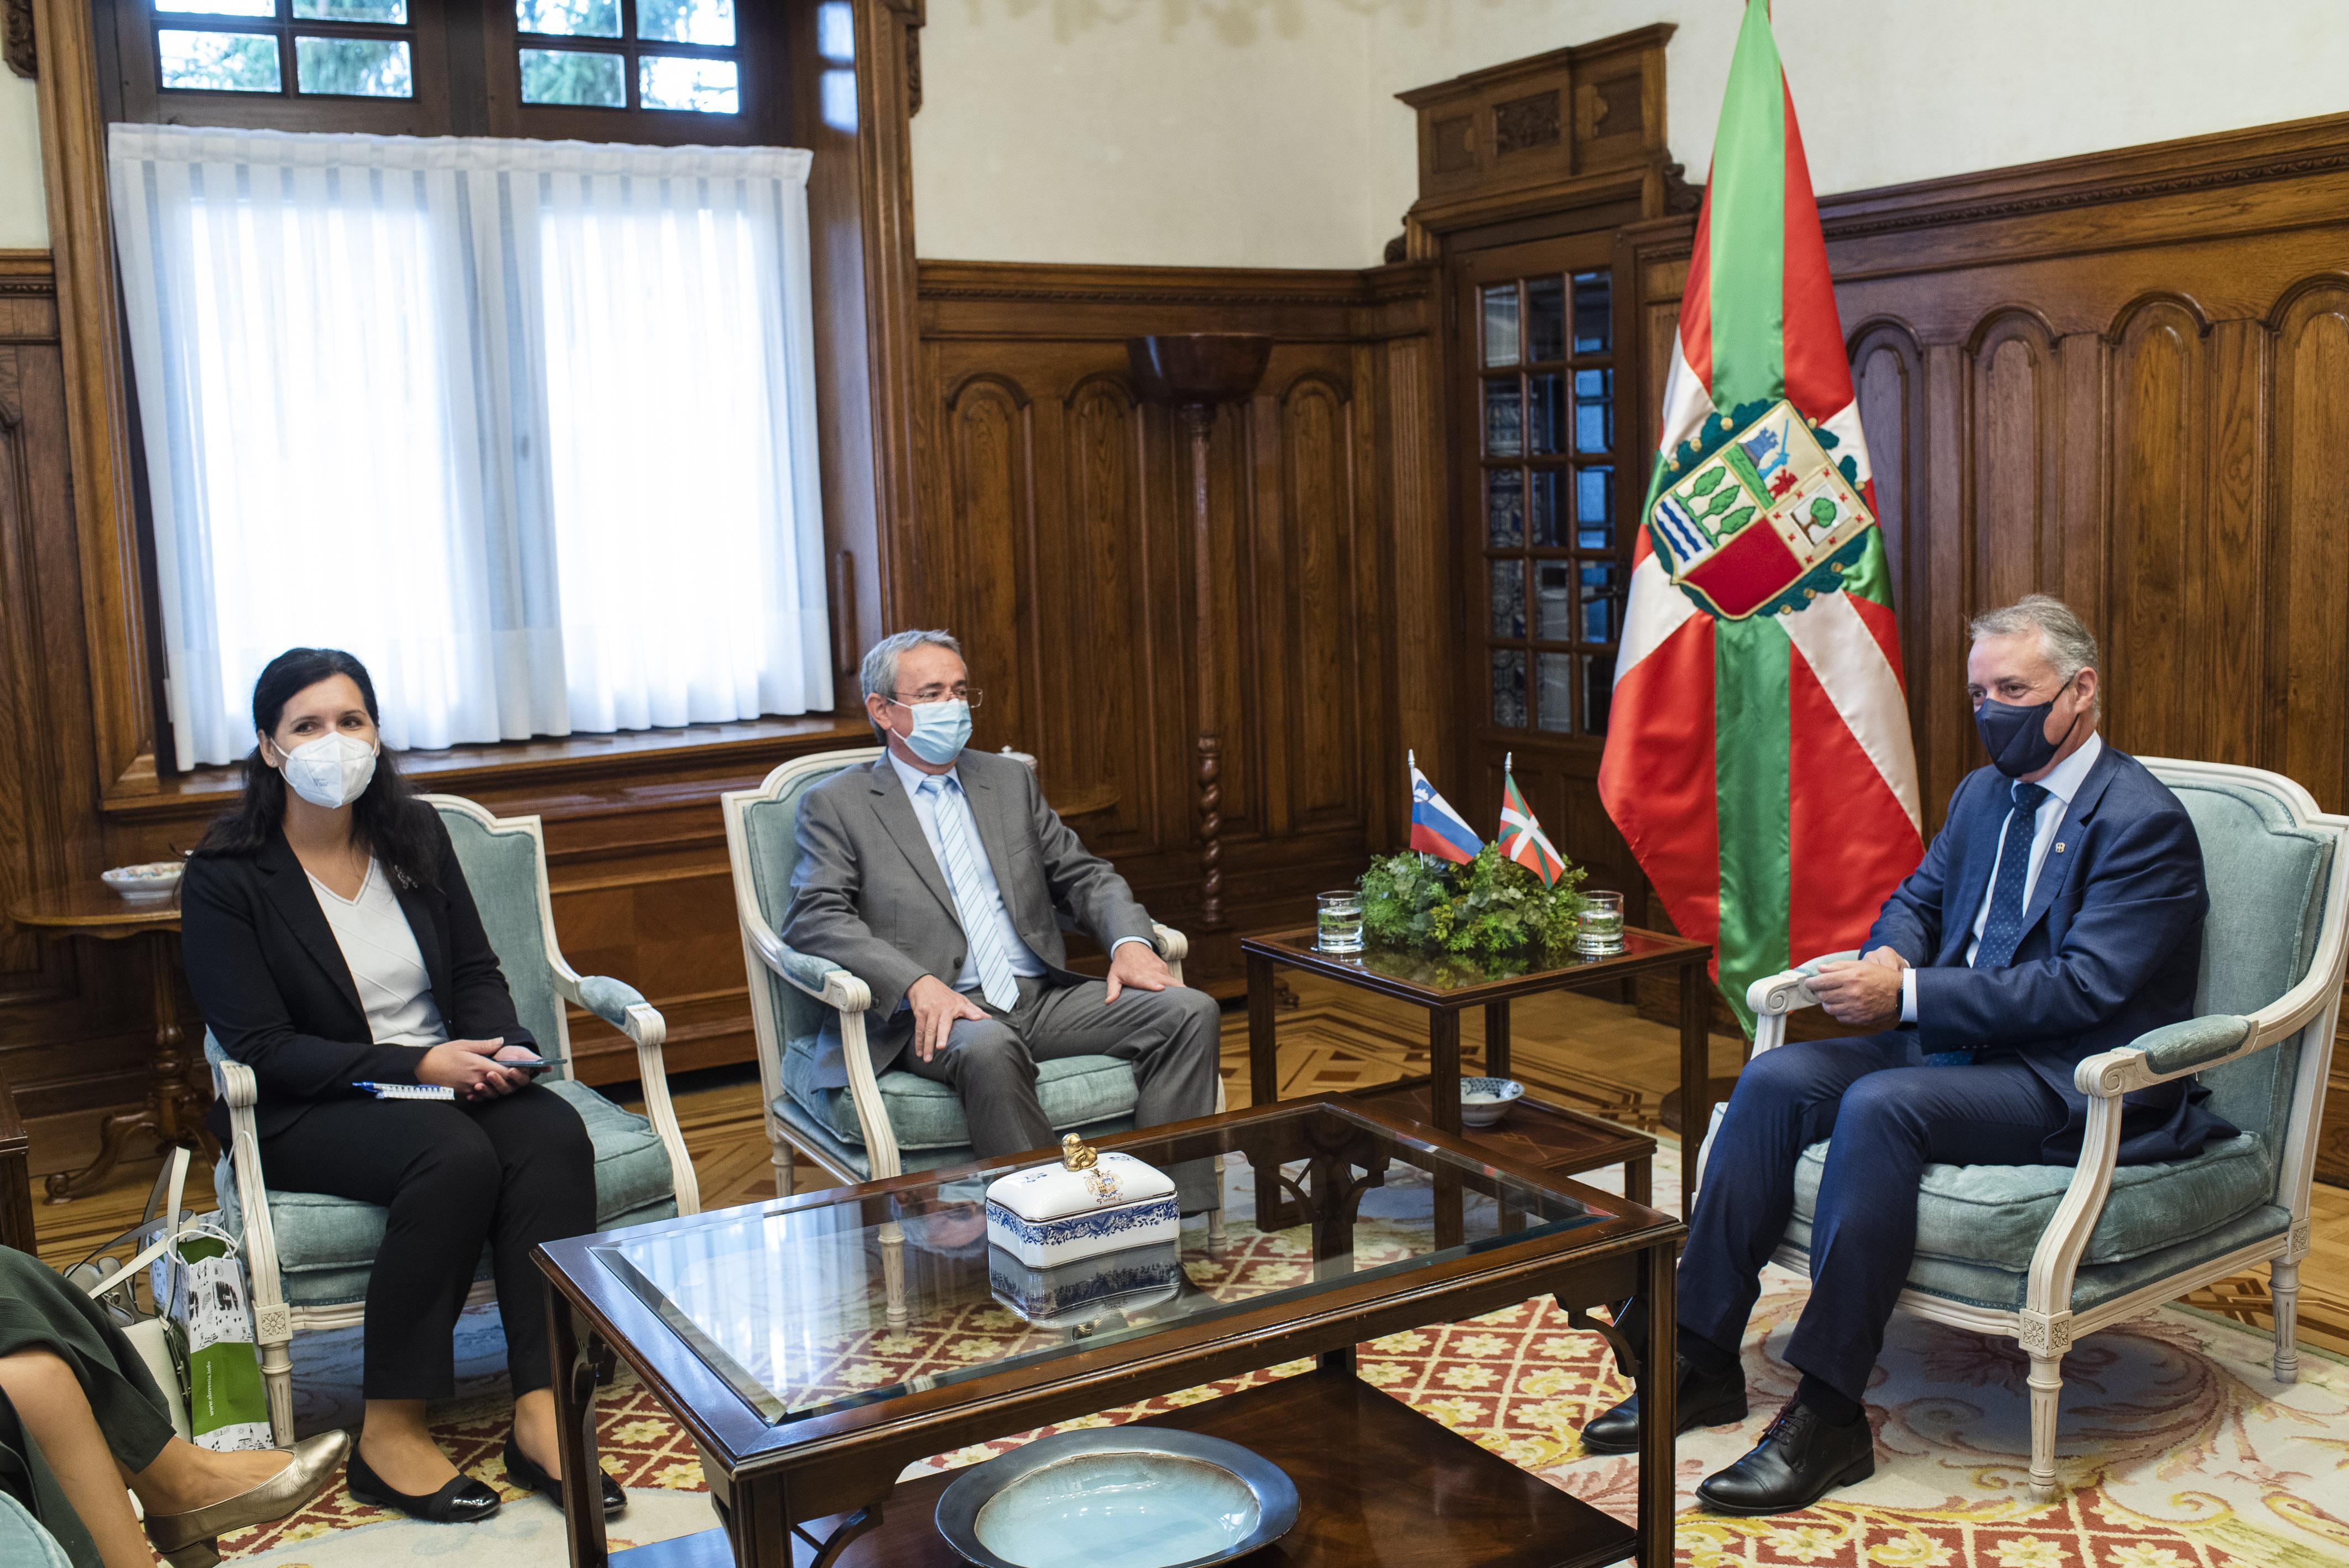 Embajador_eslovenia_ajuriaenea21-9-2021_usual-1393.jpg